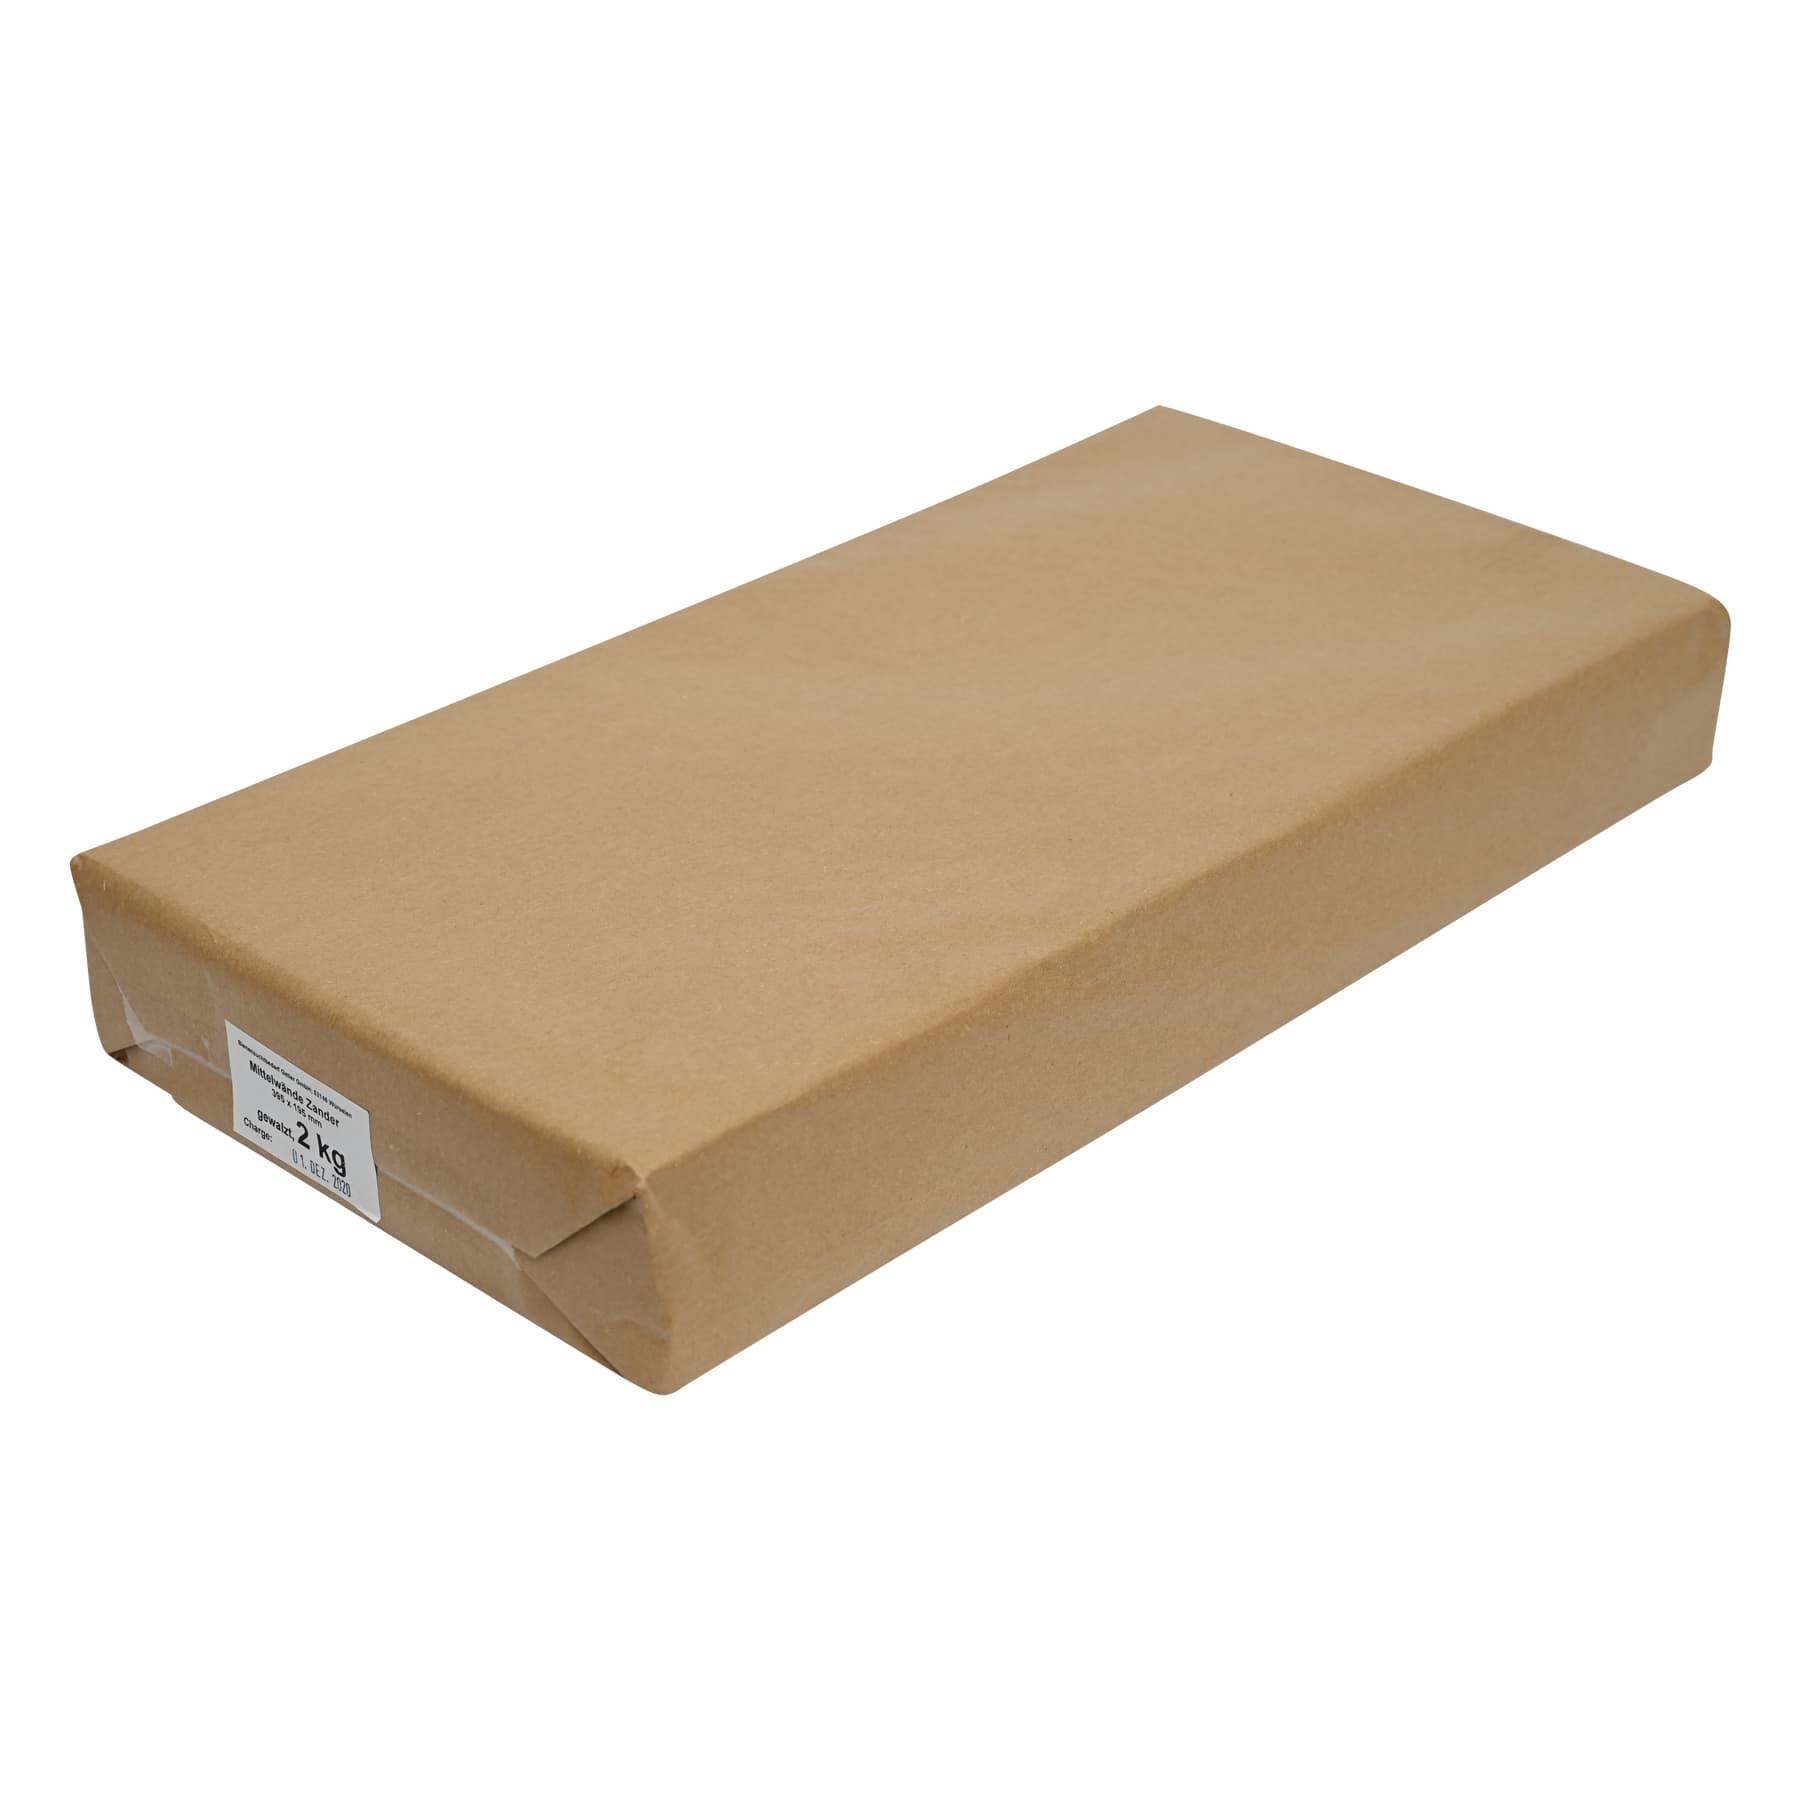 kg Mittelwände standard, (braunes Papier) Kuntsch hoch 310 x 230 mm, Preis je kg,